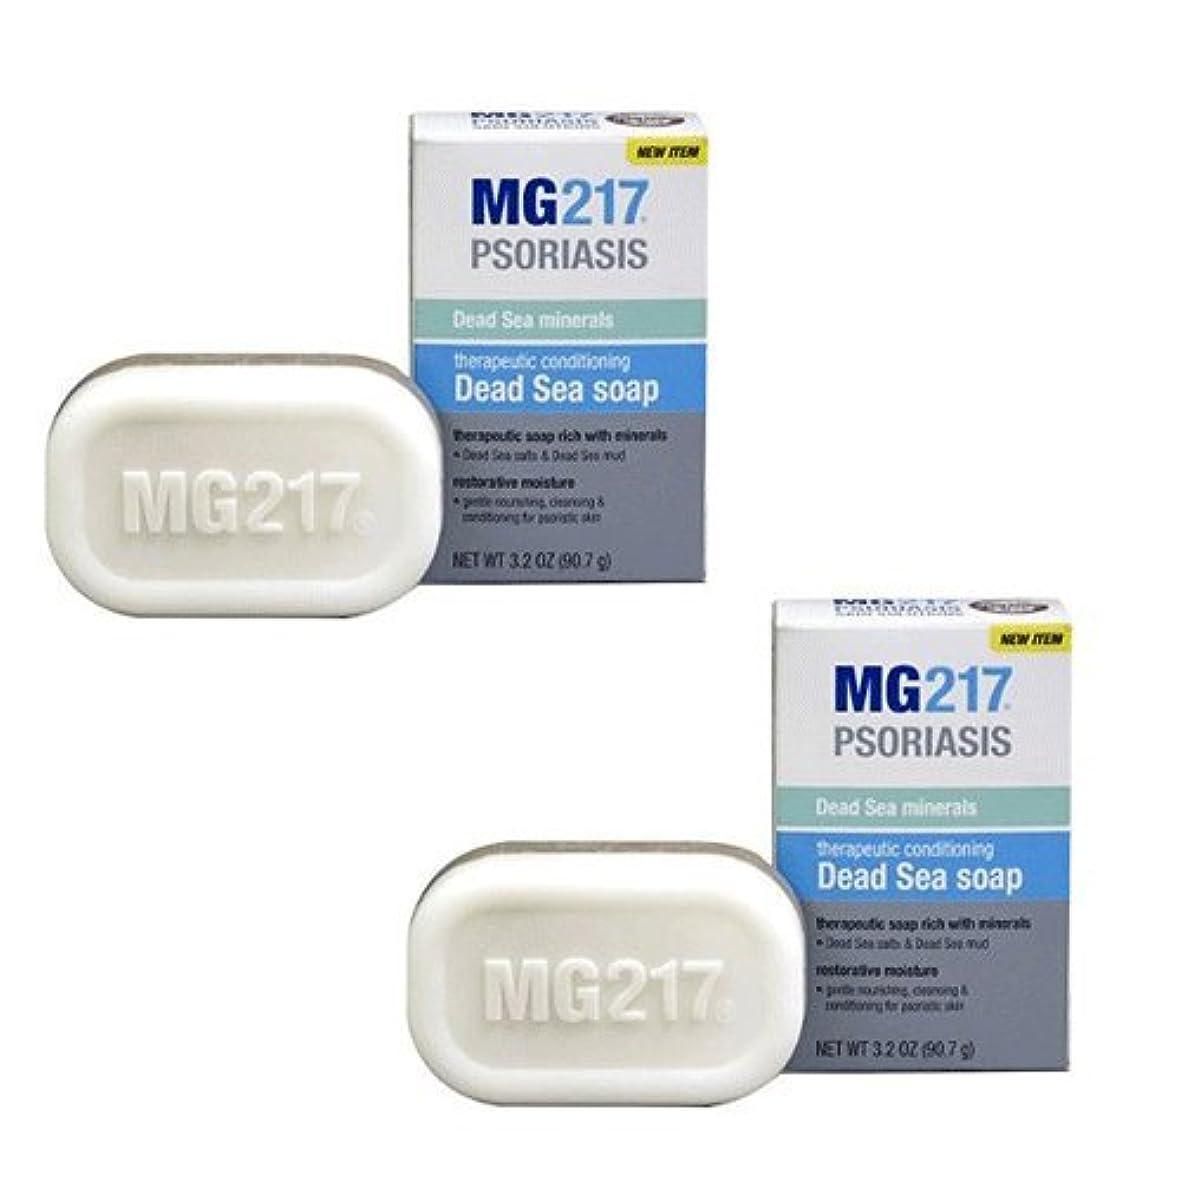 モンゴメリー考えた堂々たる2個セット 死海の泥とミネラルたっぷり MG217ソープ 90g MG217 Psoriasis Therapeutic Conditioning Dead Sea Bar Soap